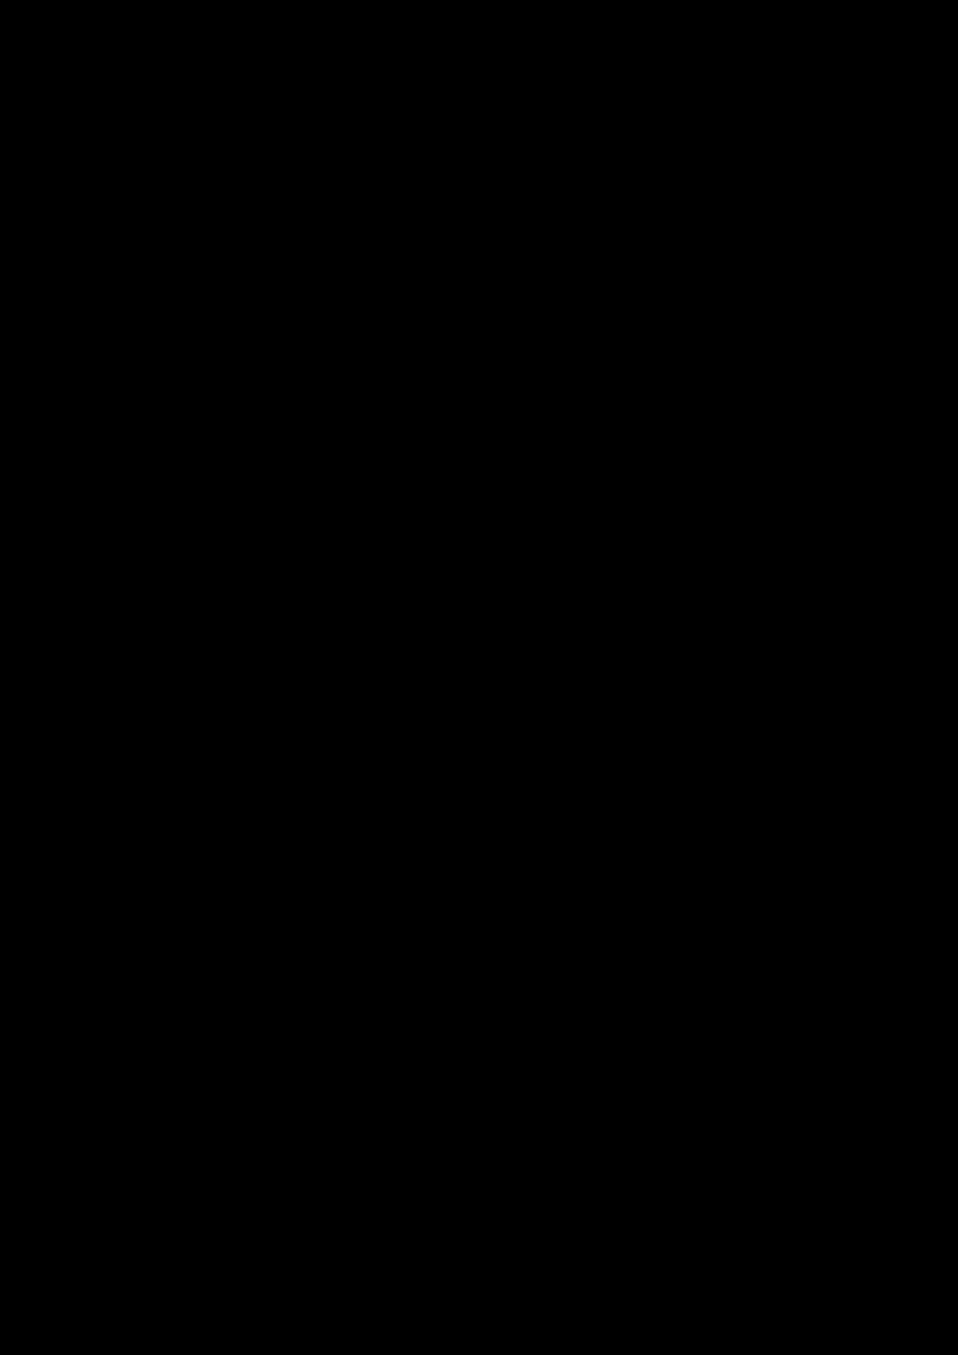 kallisti-grenade 1 nurbl 01